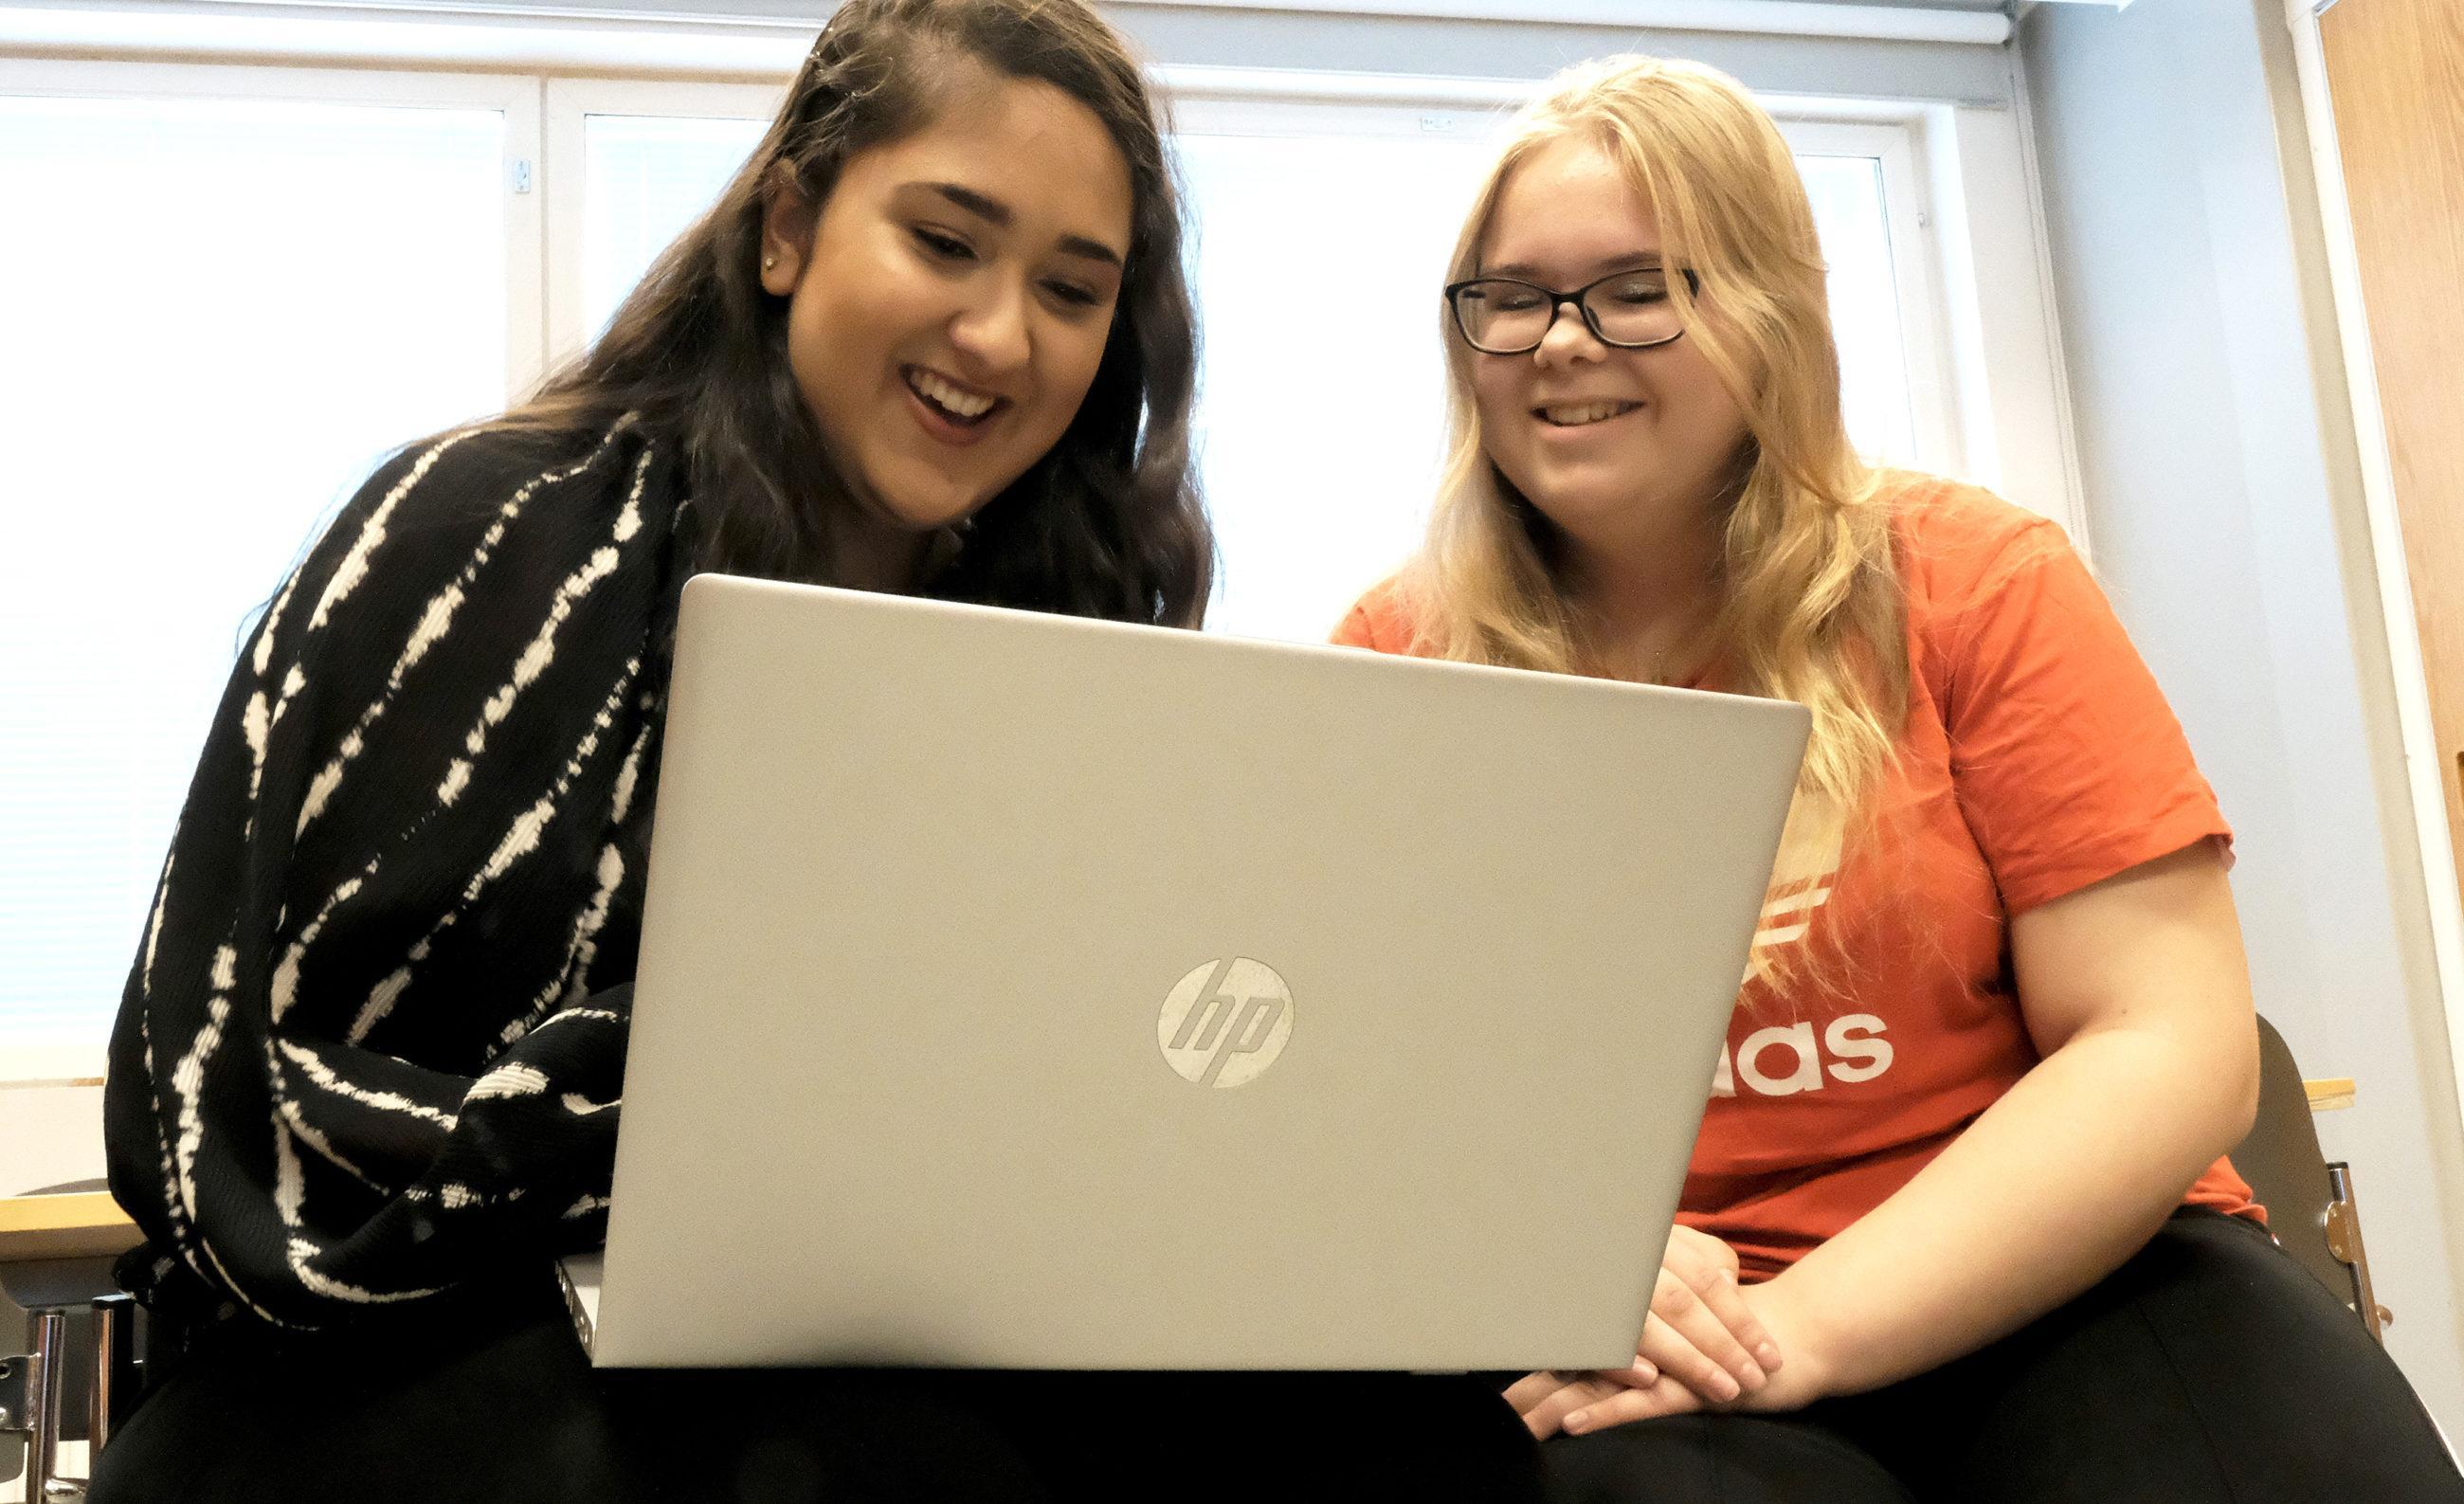 Kaksi henkilöä naista katsoo yhdessä kannettavan tietokoneen näyttöä.